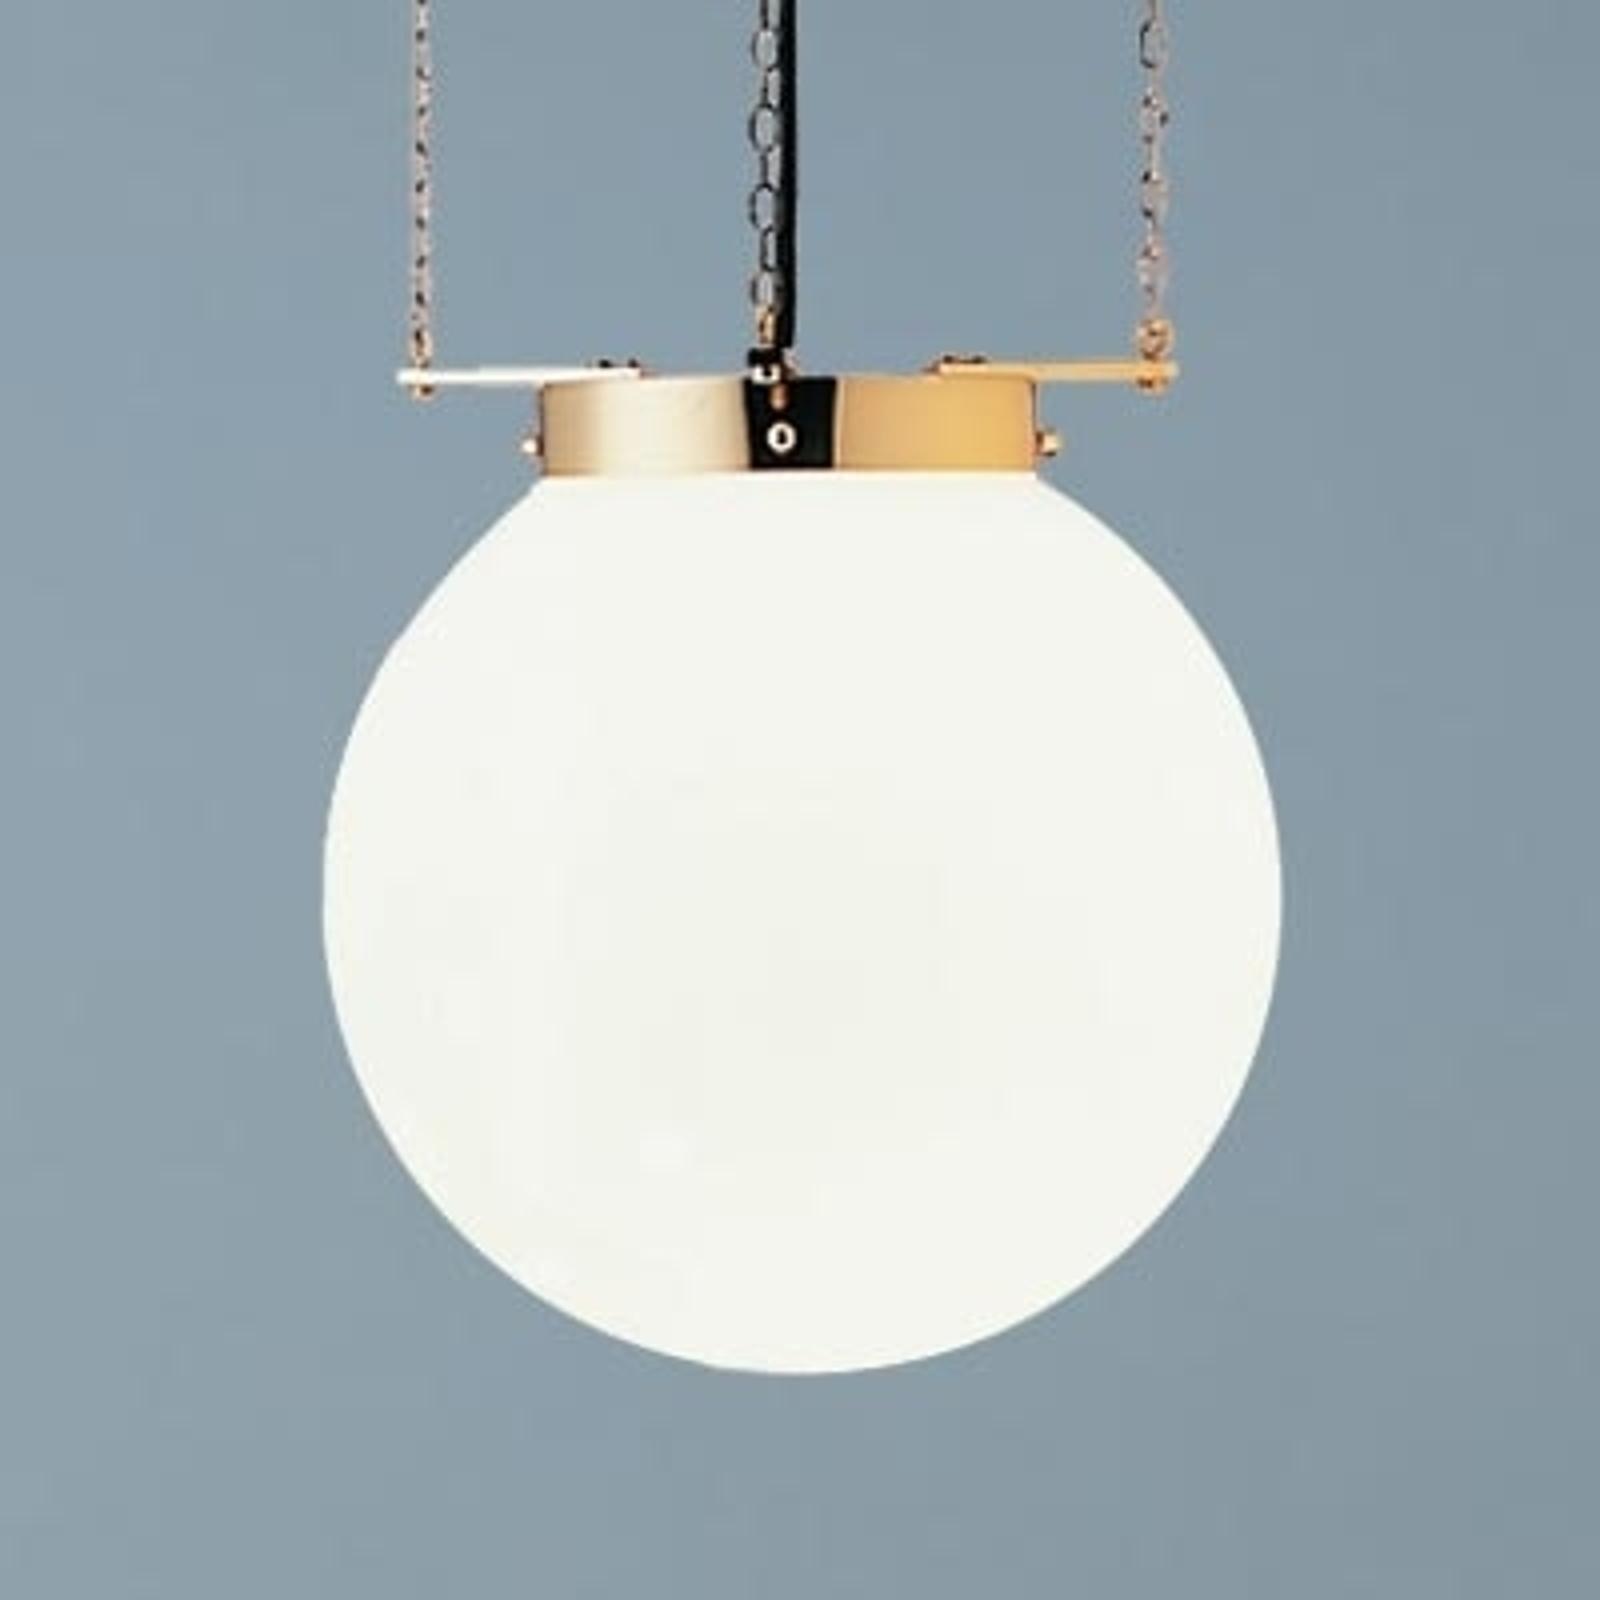 Hanglamp in Bauhaus-stijl, messing, 25 cm